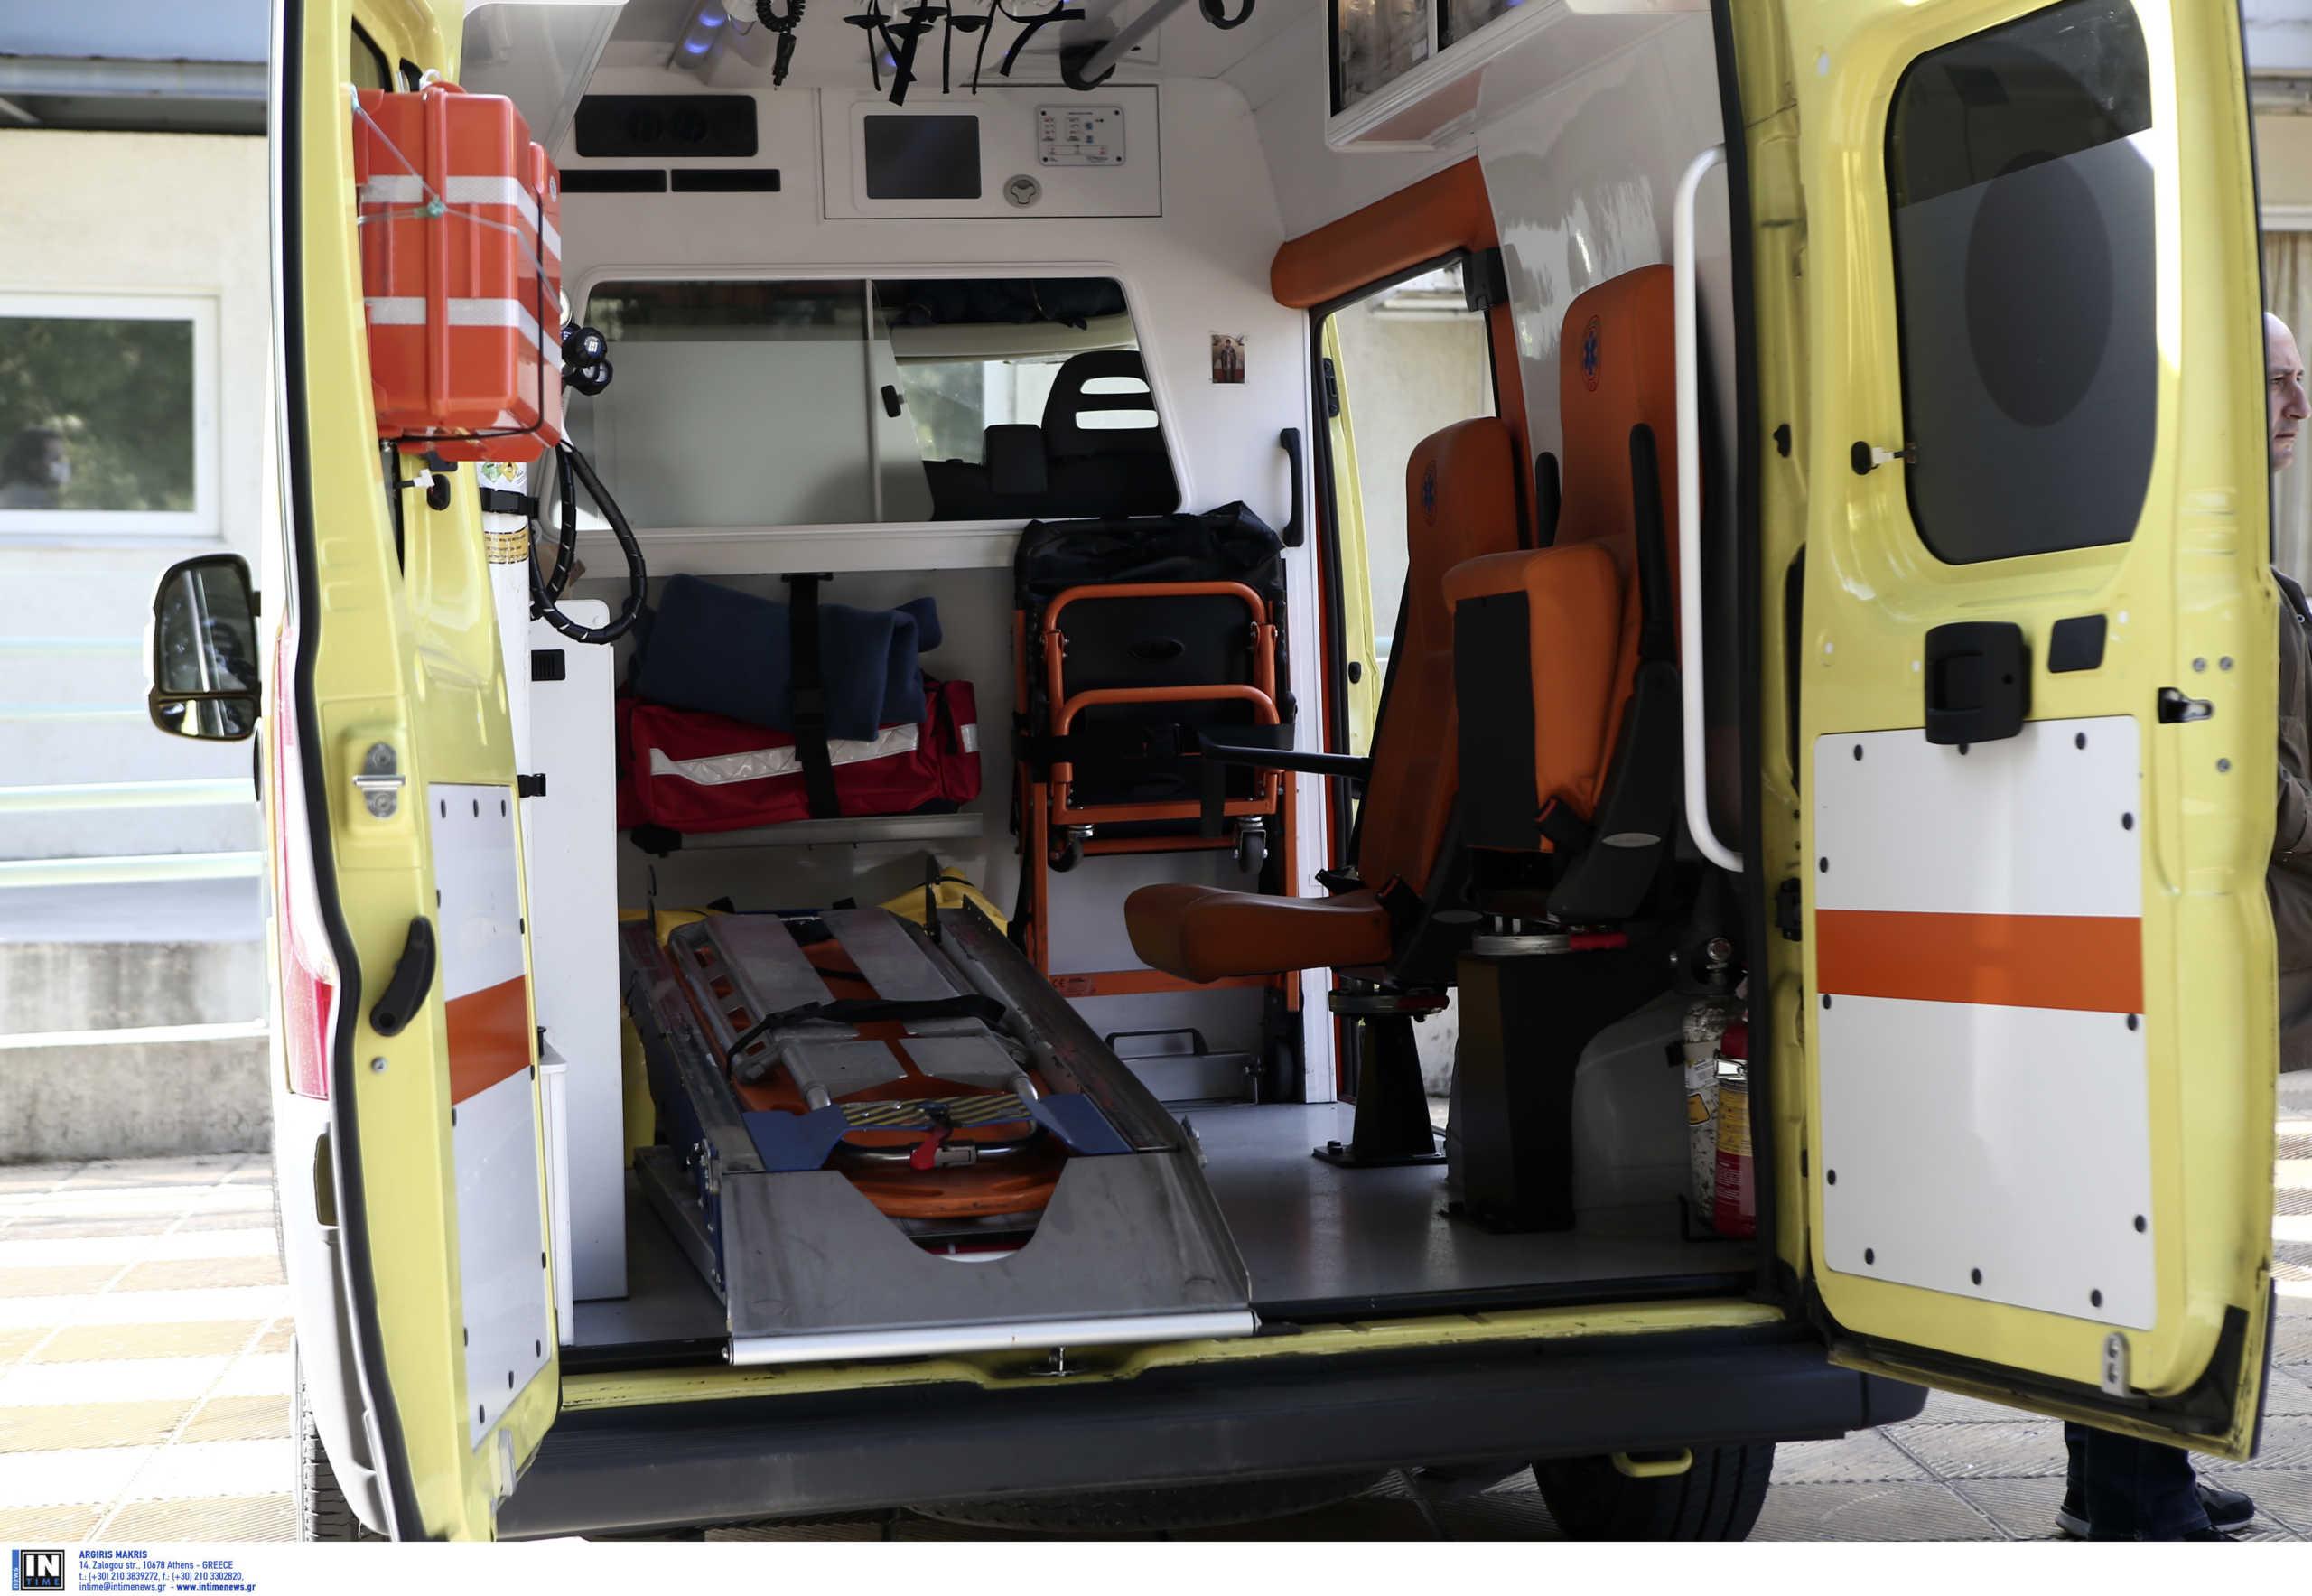 Κοζάνη: Αγωνία για τους 10 τραυματίες του φοβερού τροχαίου – Ένα άτομο σκοτώθηκε επί τόπου